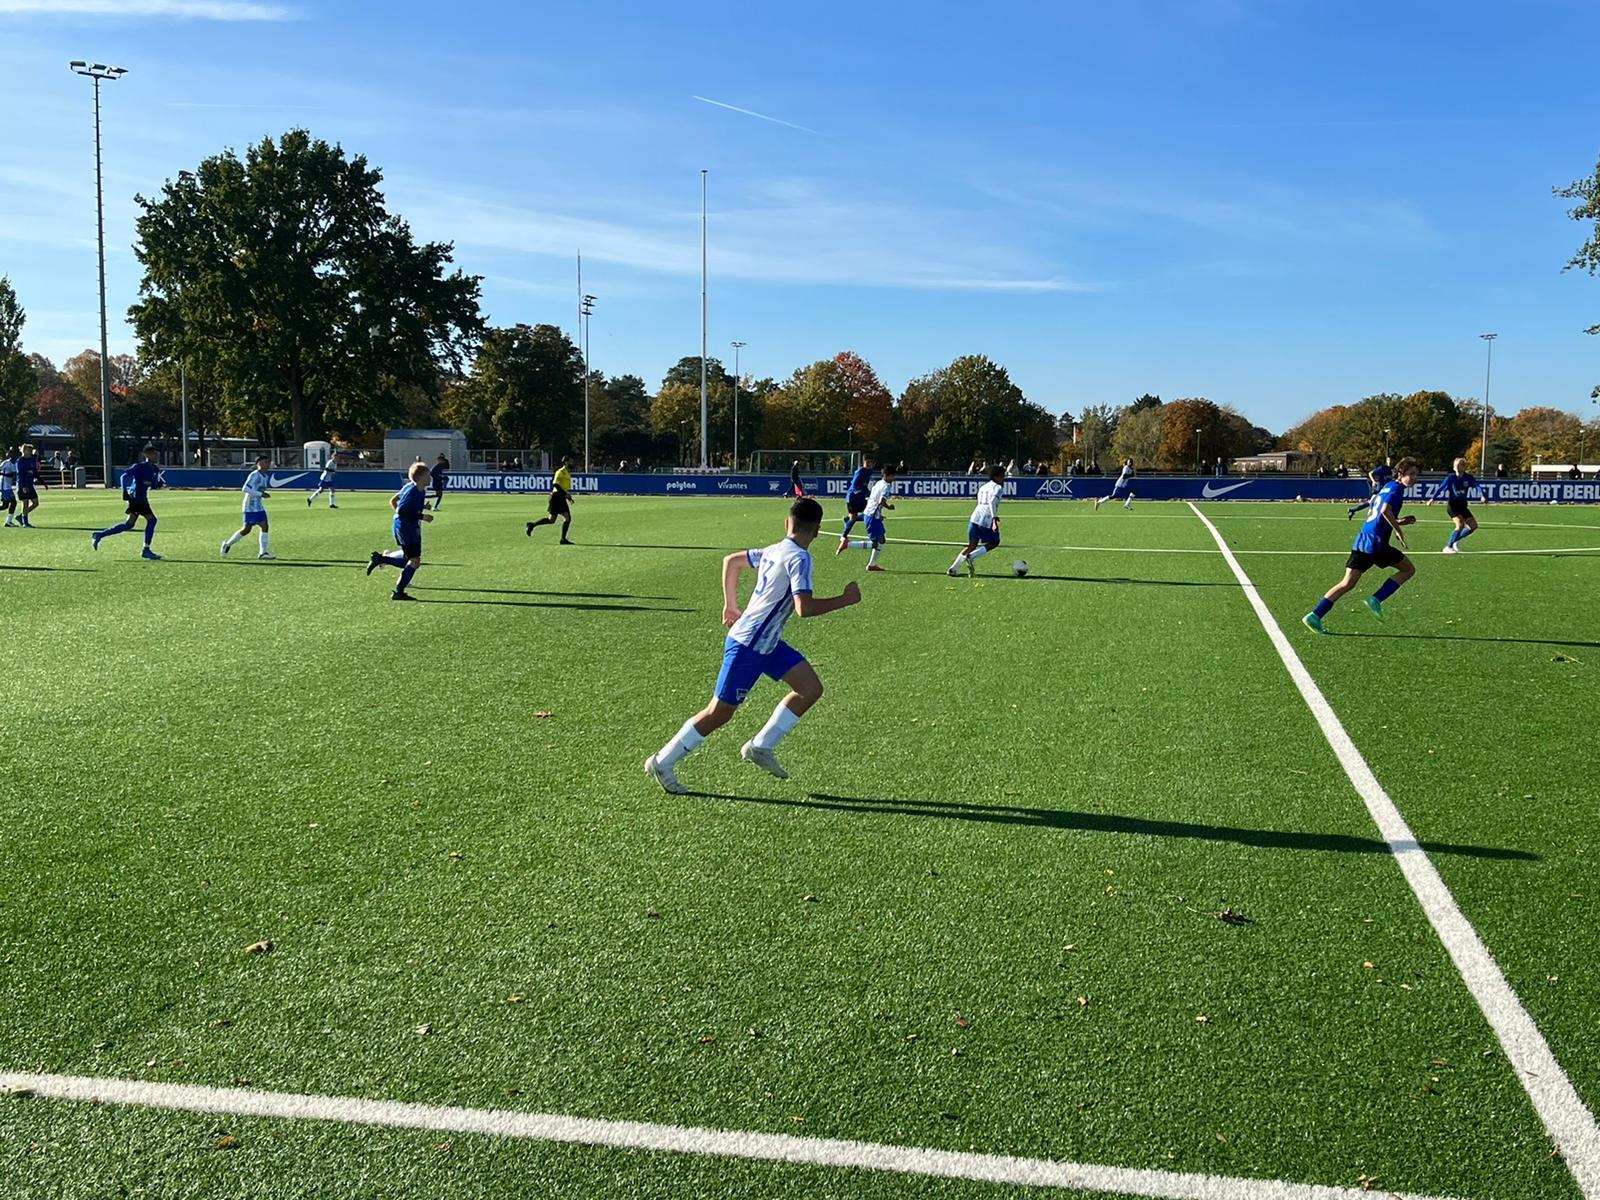 Unsere U14 auf dem Platz gegen den FC Internationale.